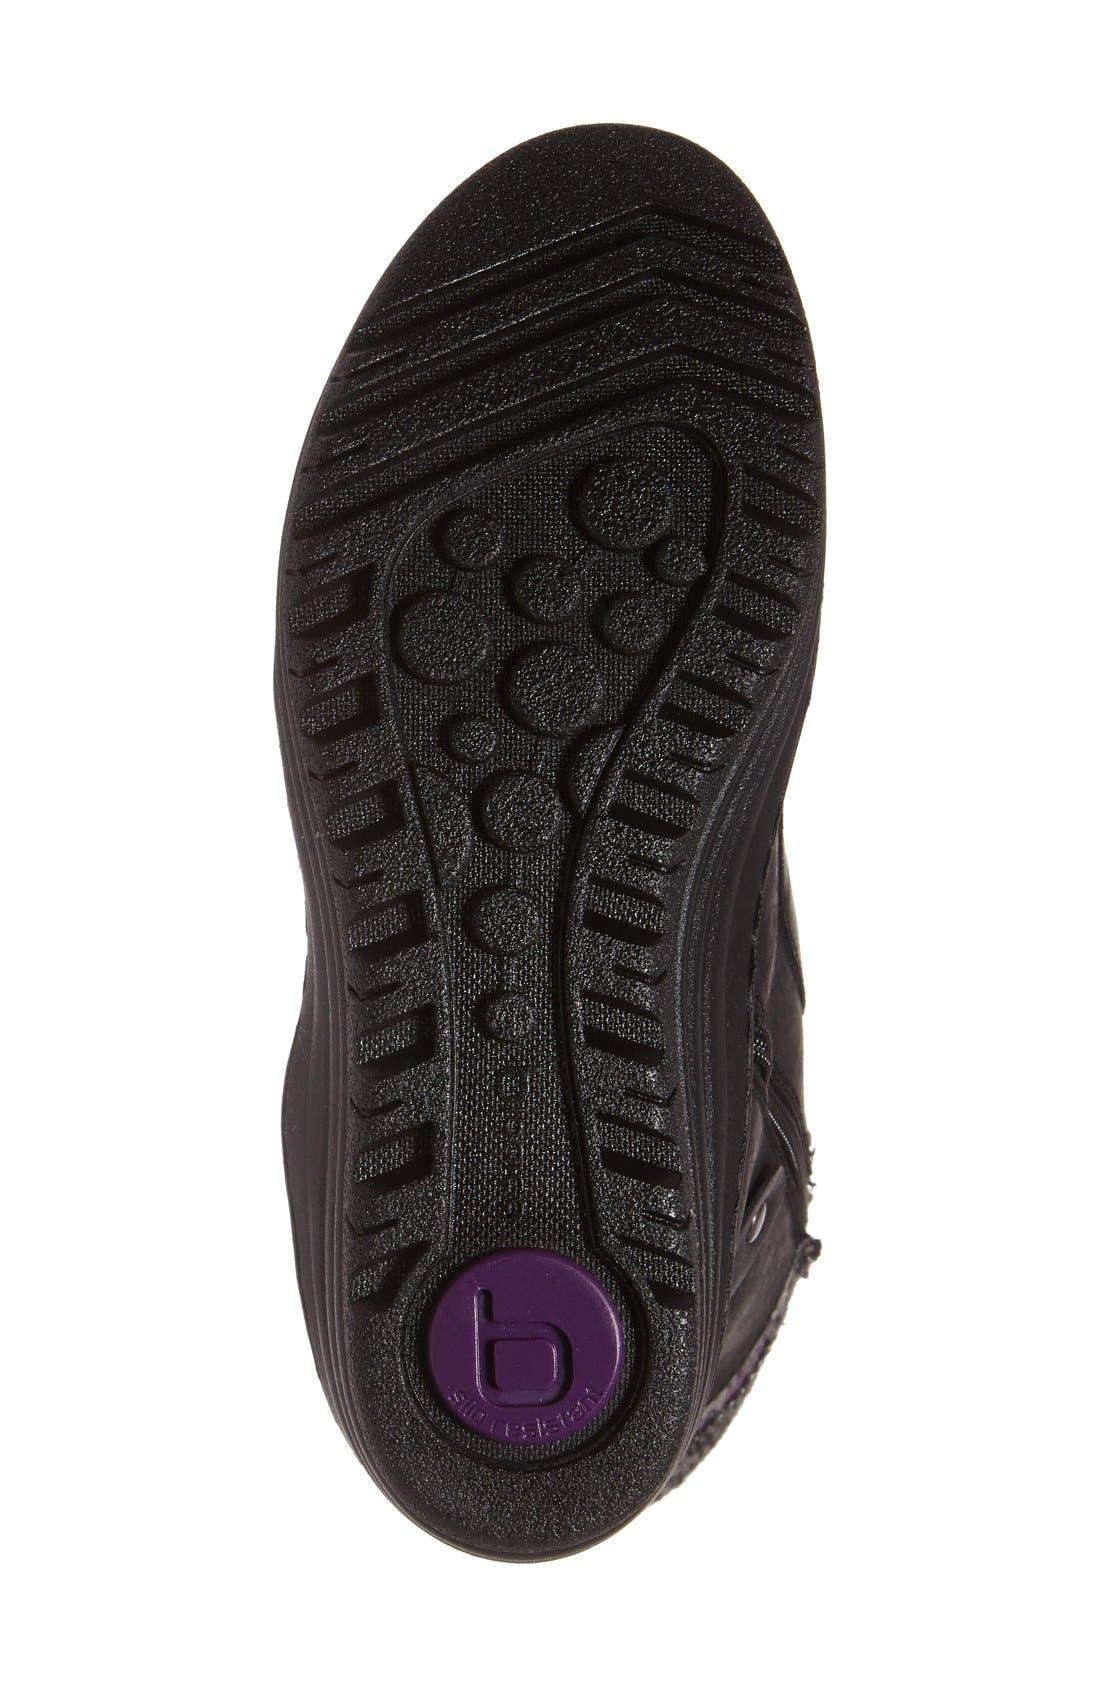 Garland Waterproof Wedge Boot,                             Alternate thumbnail 4, color,                             Black Waterproof Leather